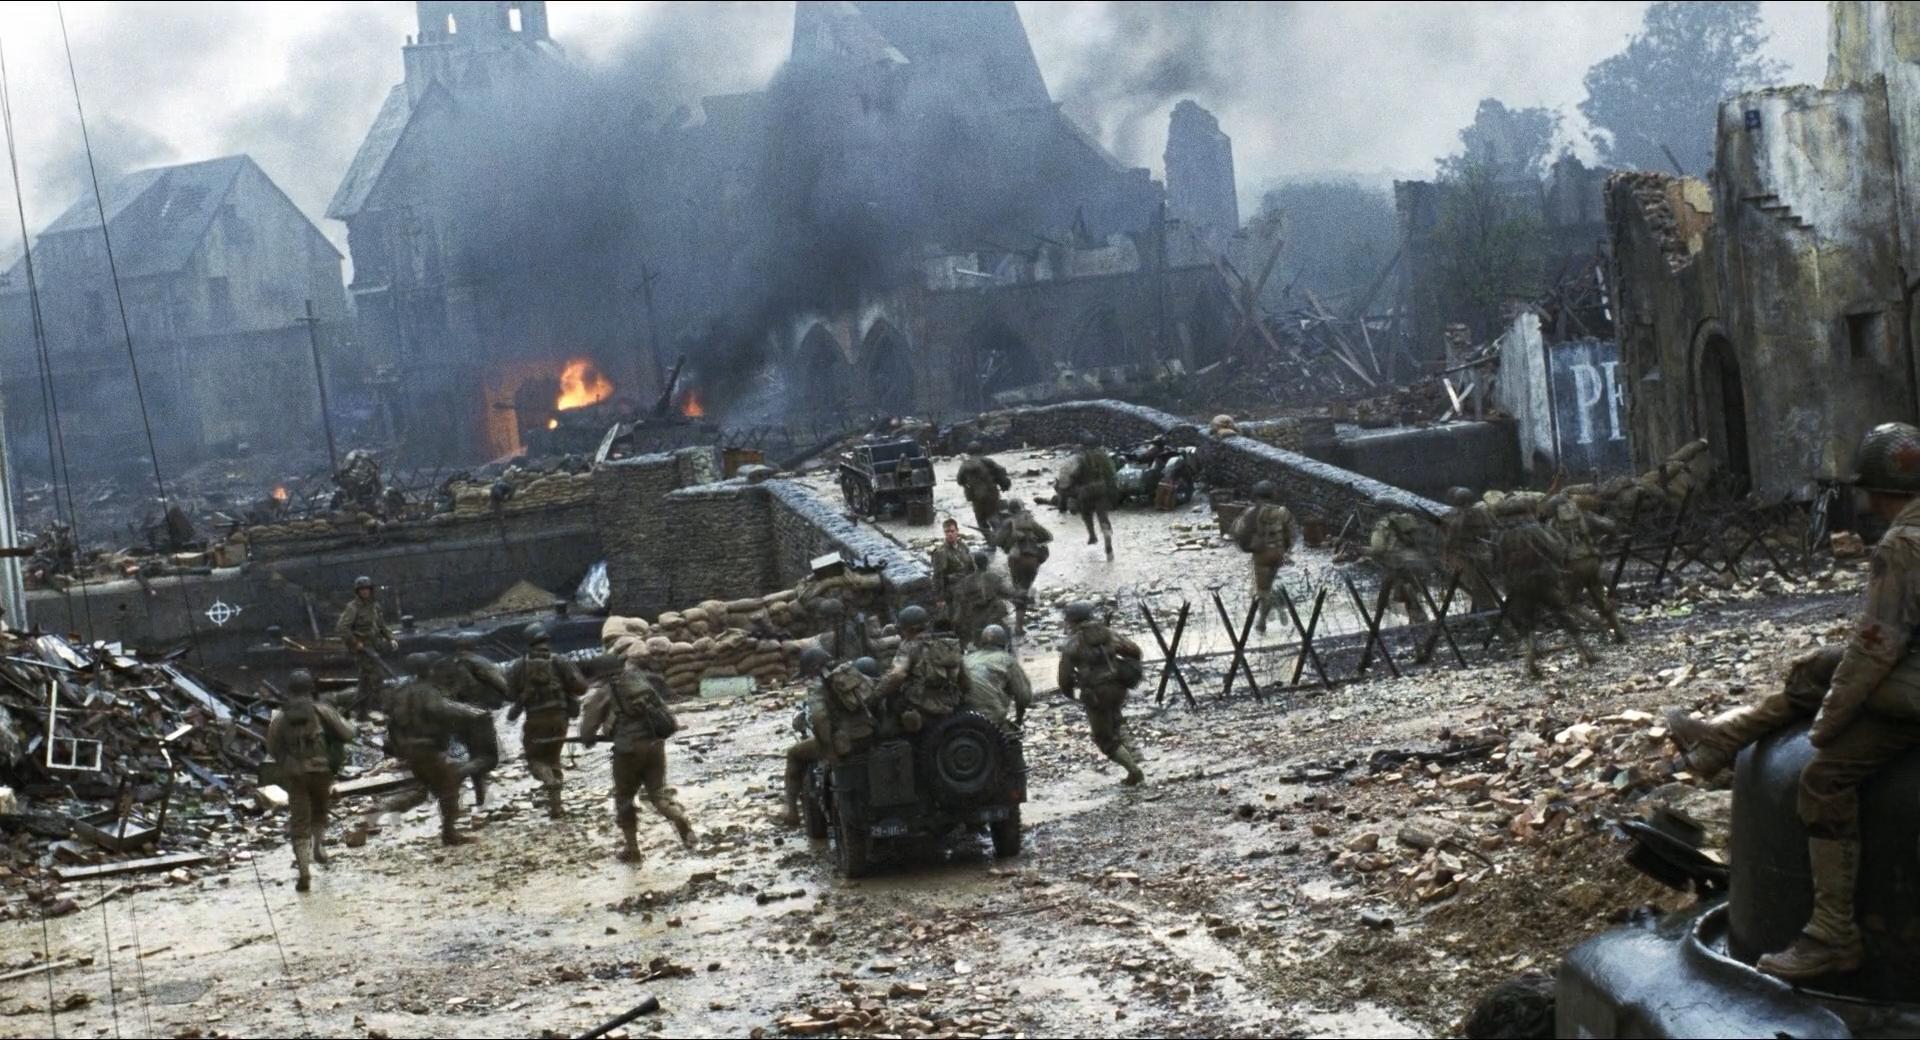 Спасти рядового Райана / Saving Private Ryan (1998) BDRip 1080p | 60 FPS